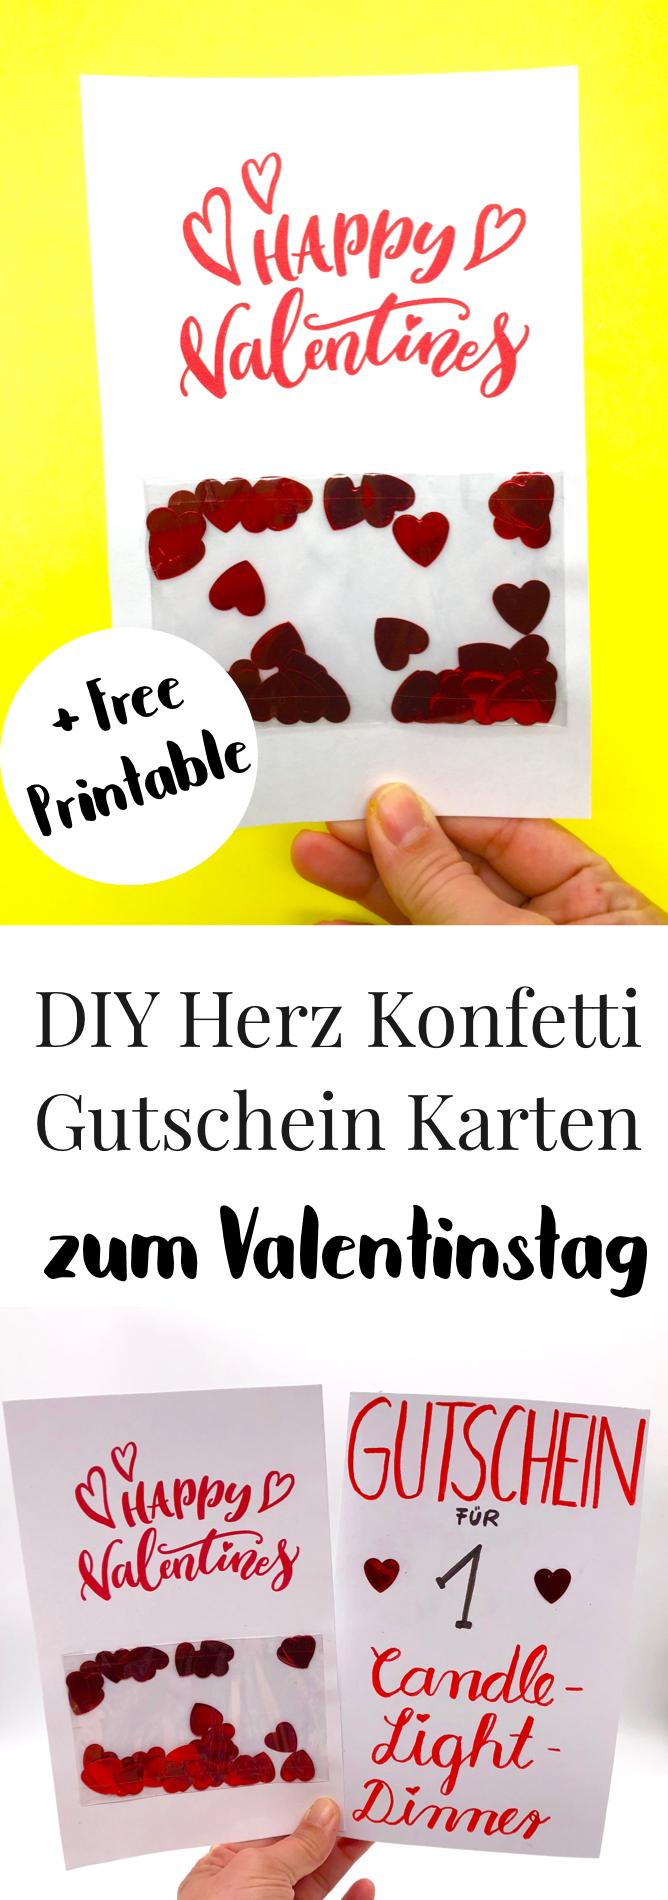 Karten Selbst Gestalten Valentinstag Karte Selber Machen Geschenke Valentinstag Valentinstag Karten